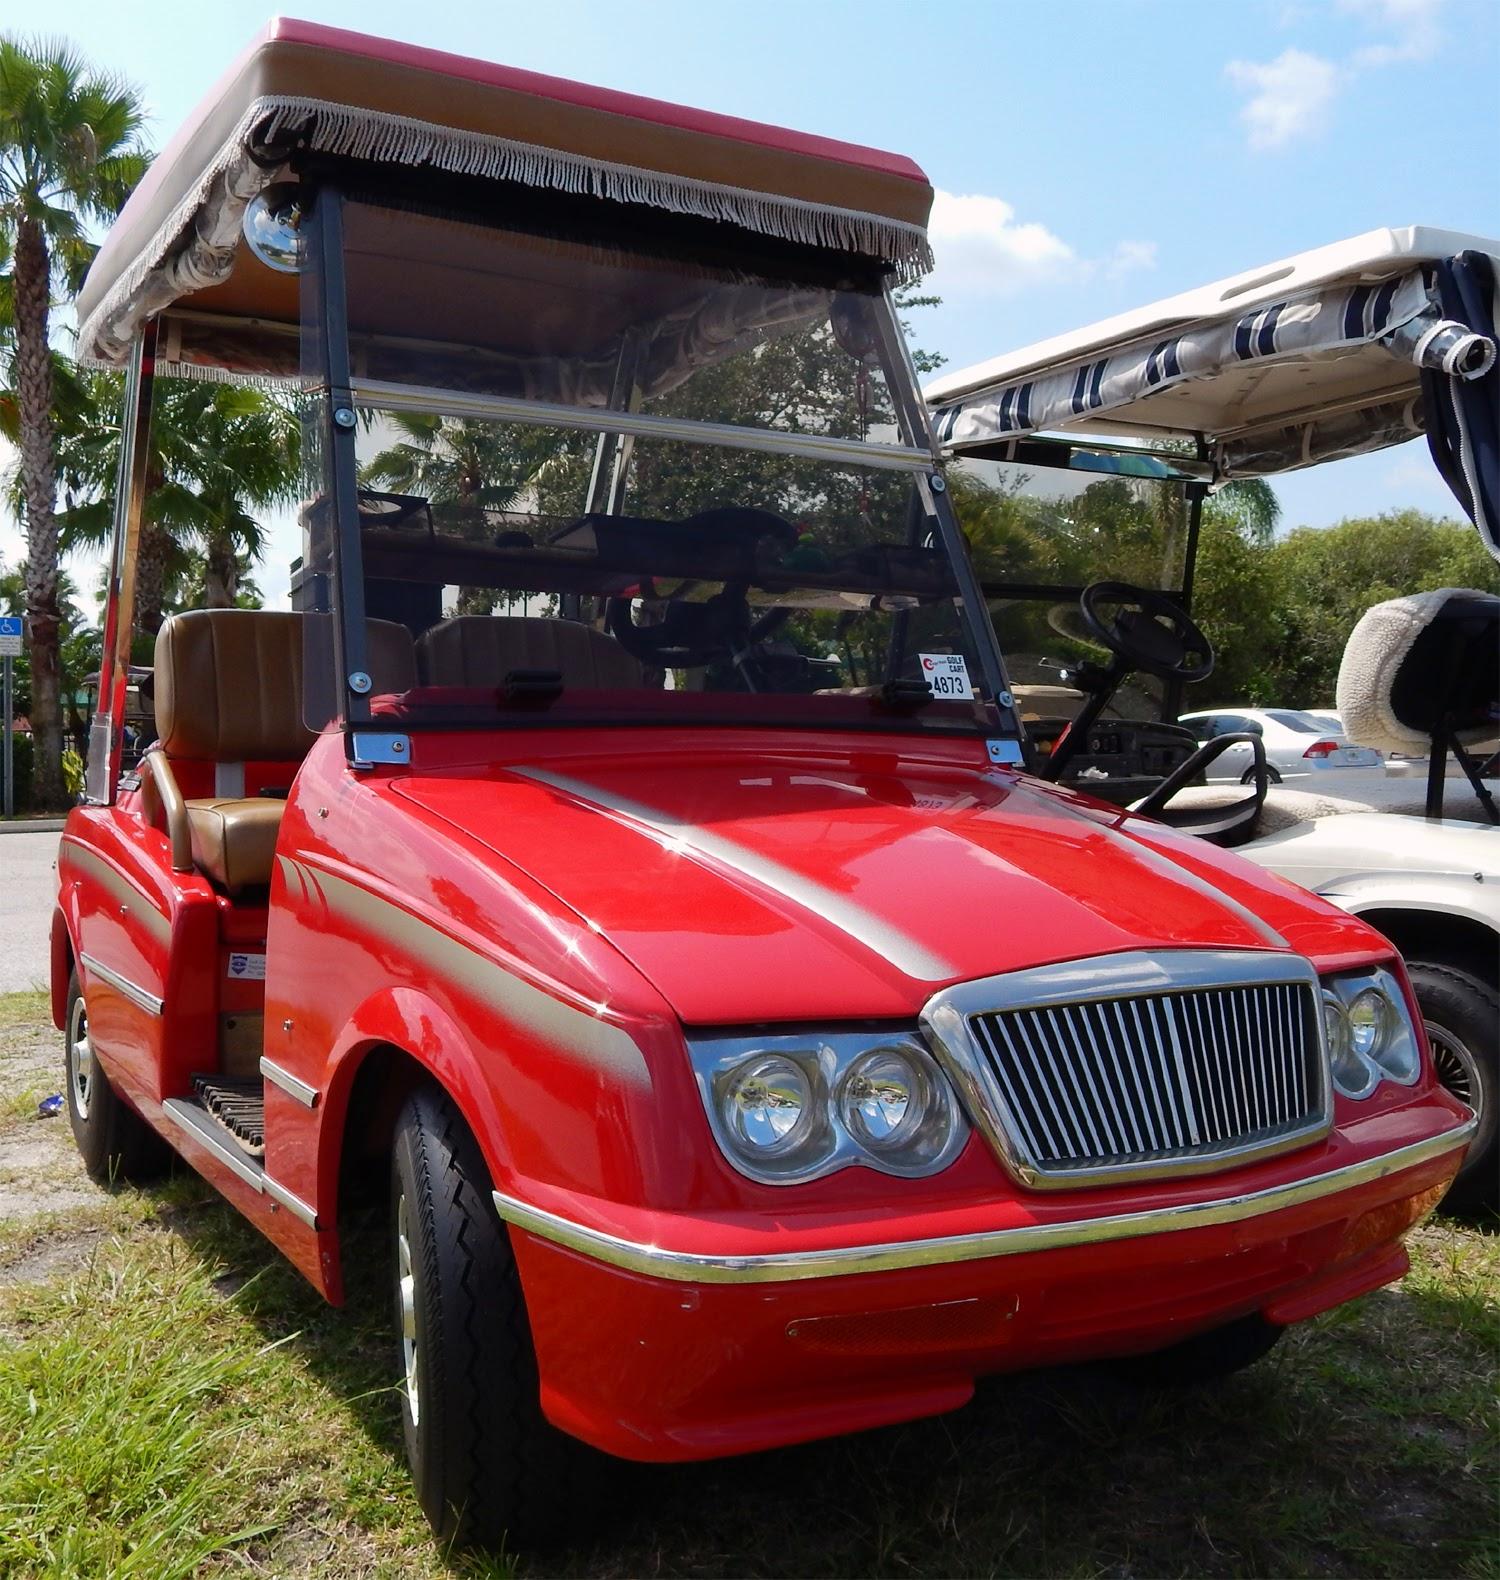 WRG-2891] Western Elegante Golf Cart Wiring Diagram on